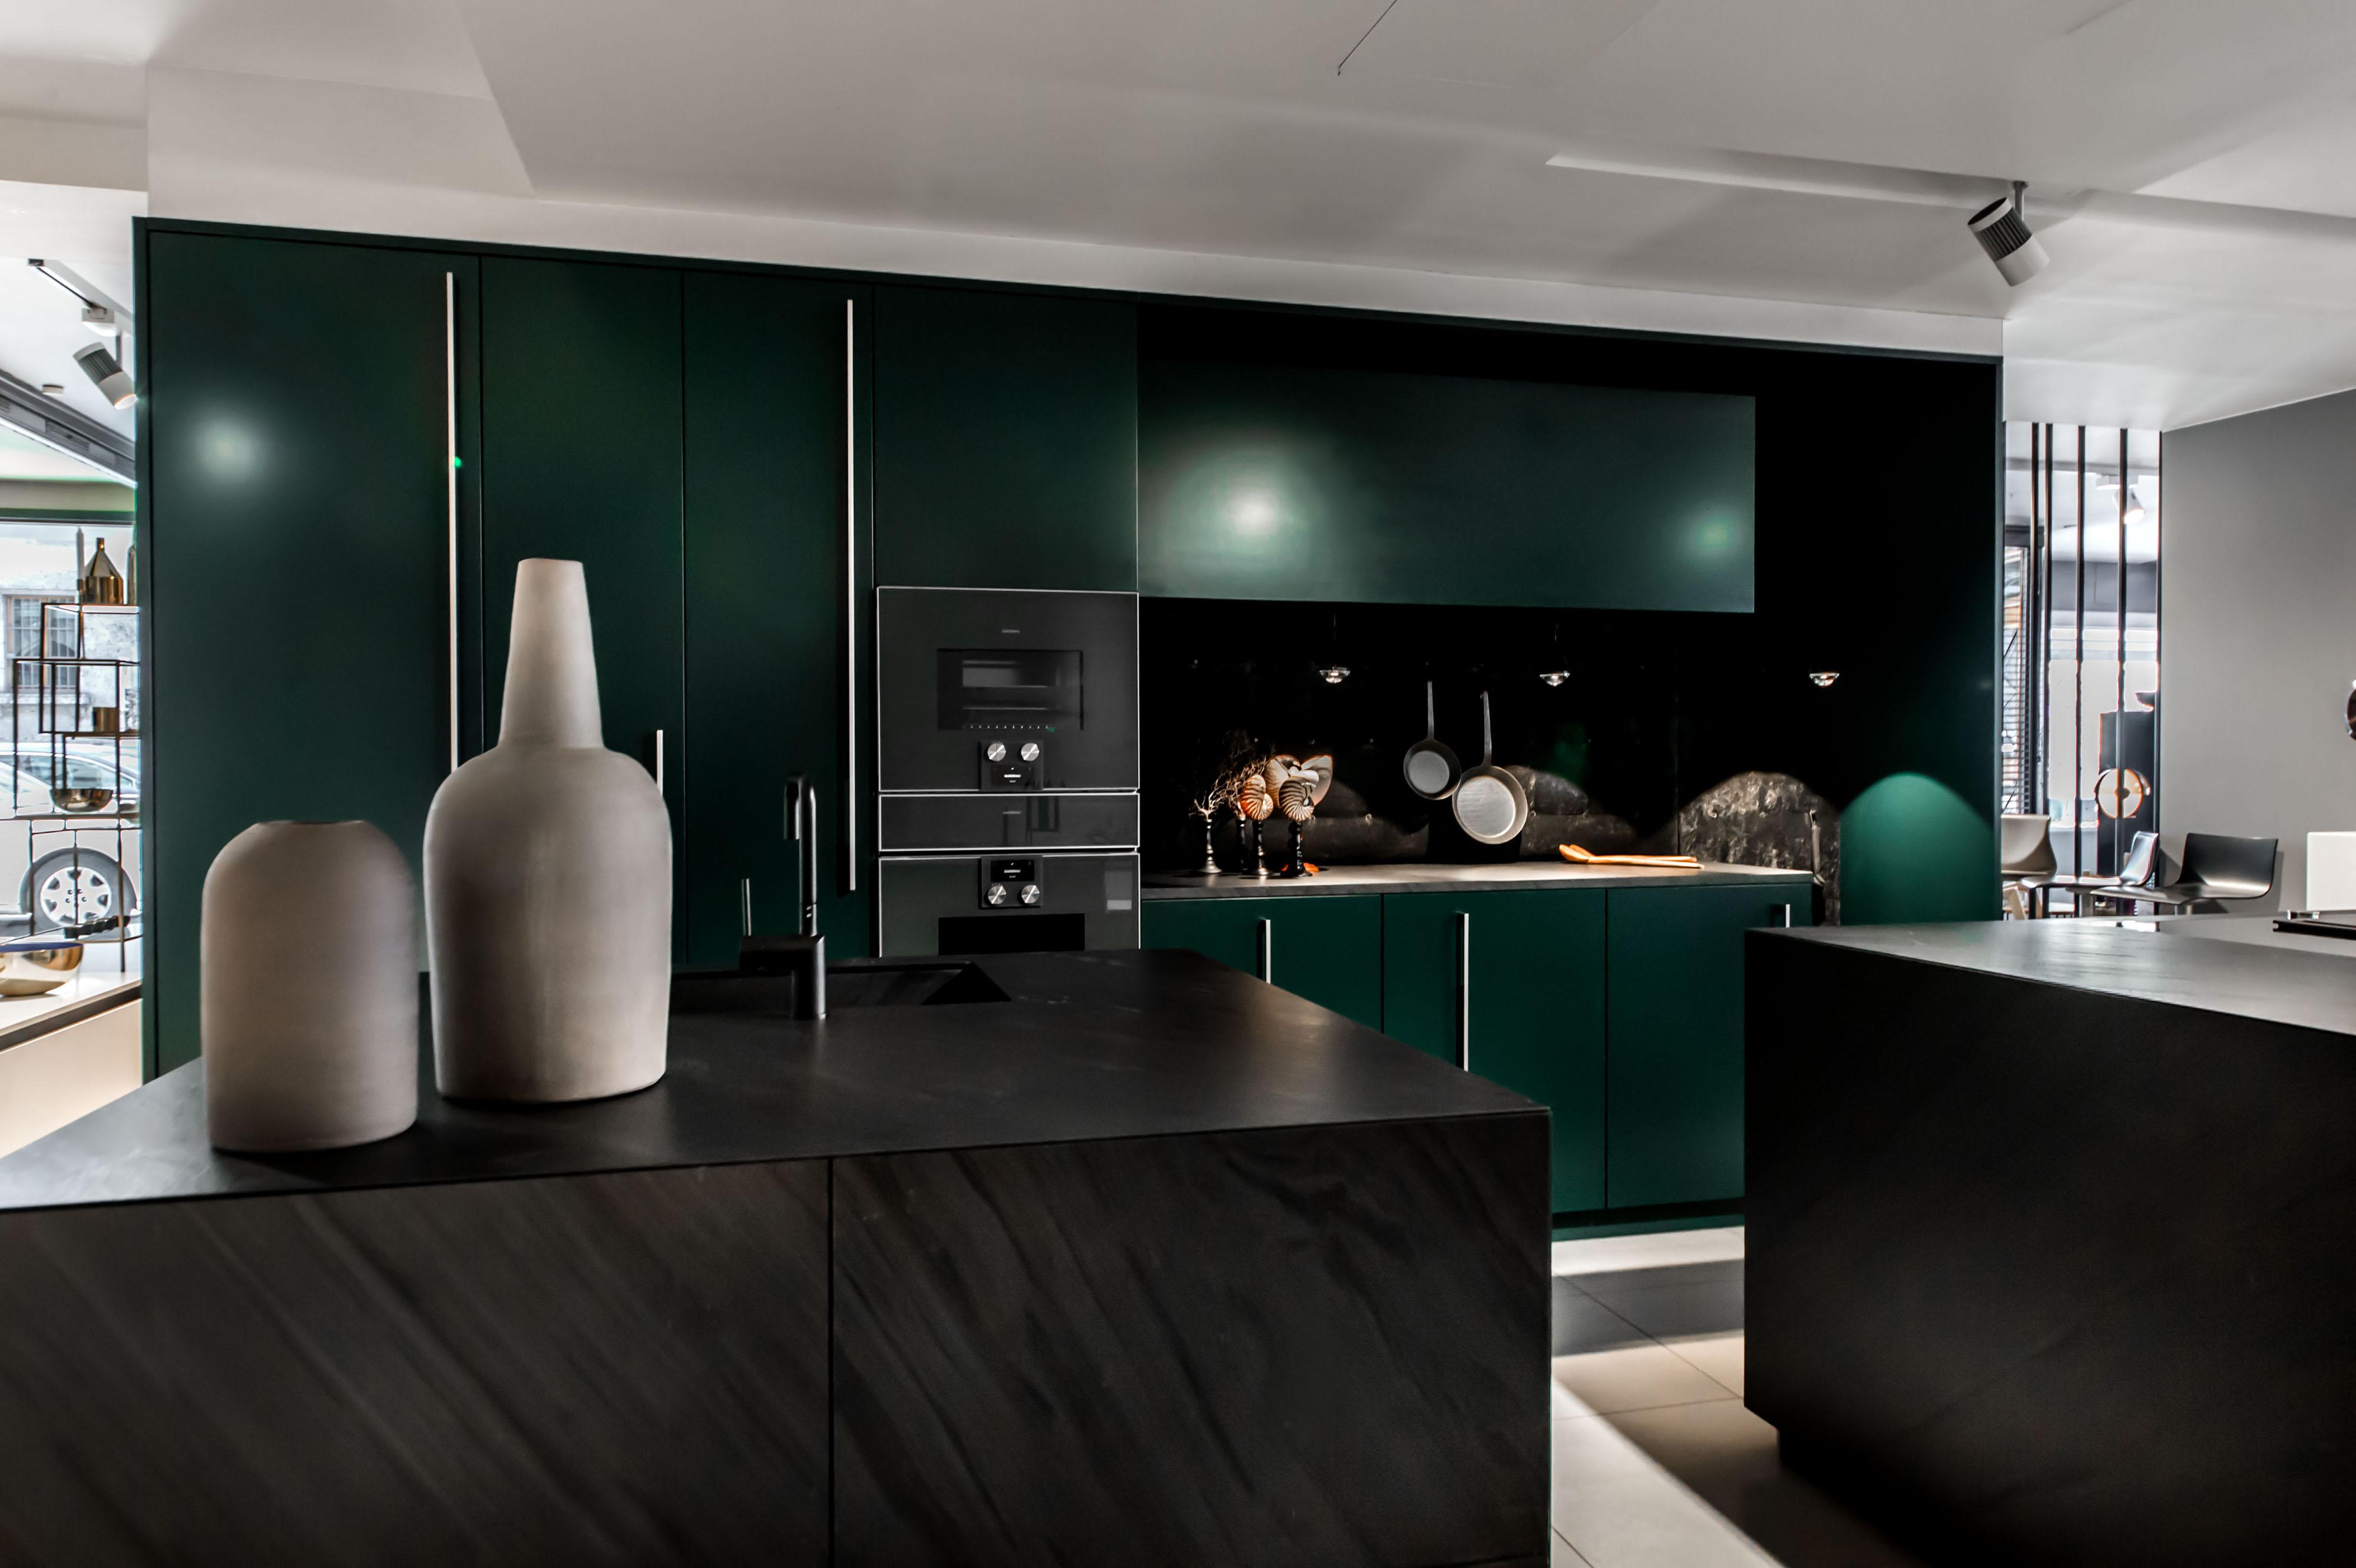 grune kuchenmobel. Black Bedroom Furniture Sets. Home Design Ideas